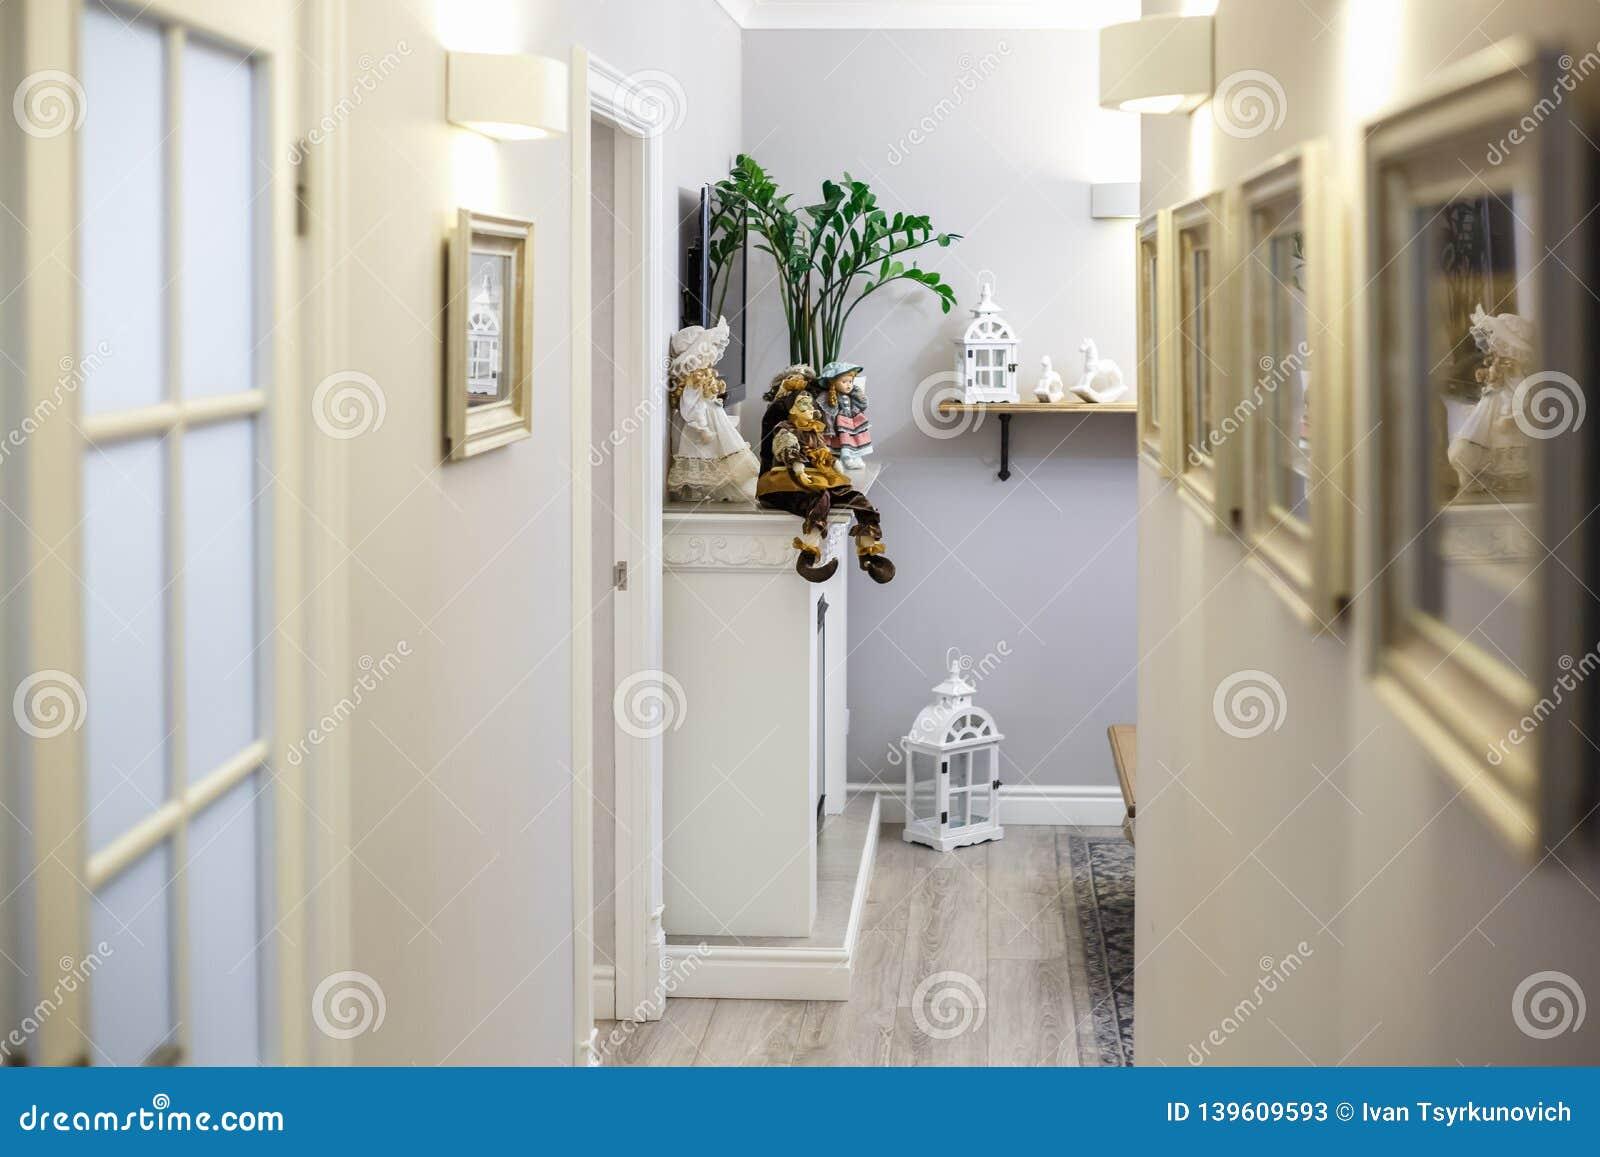 MINSK, BELARUS - janvier 2019 : appartements plats intérieurs de couloir de luxure avec la décoration